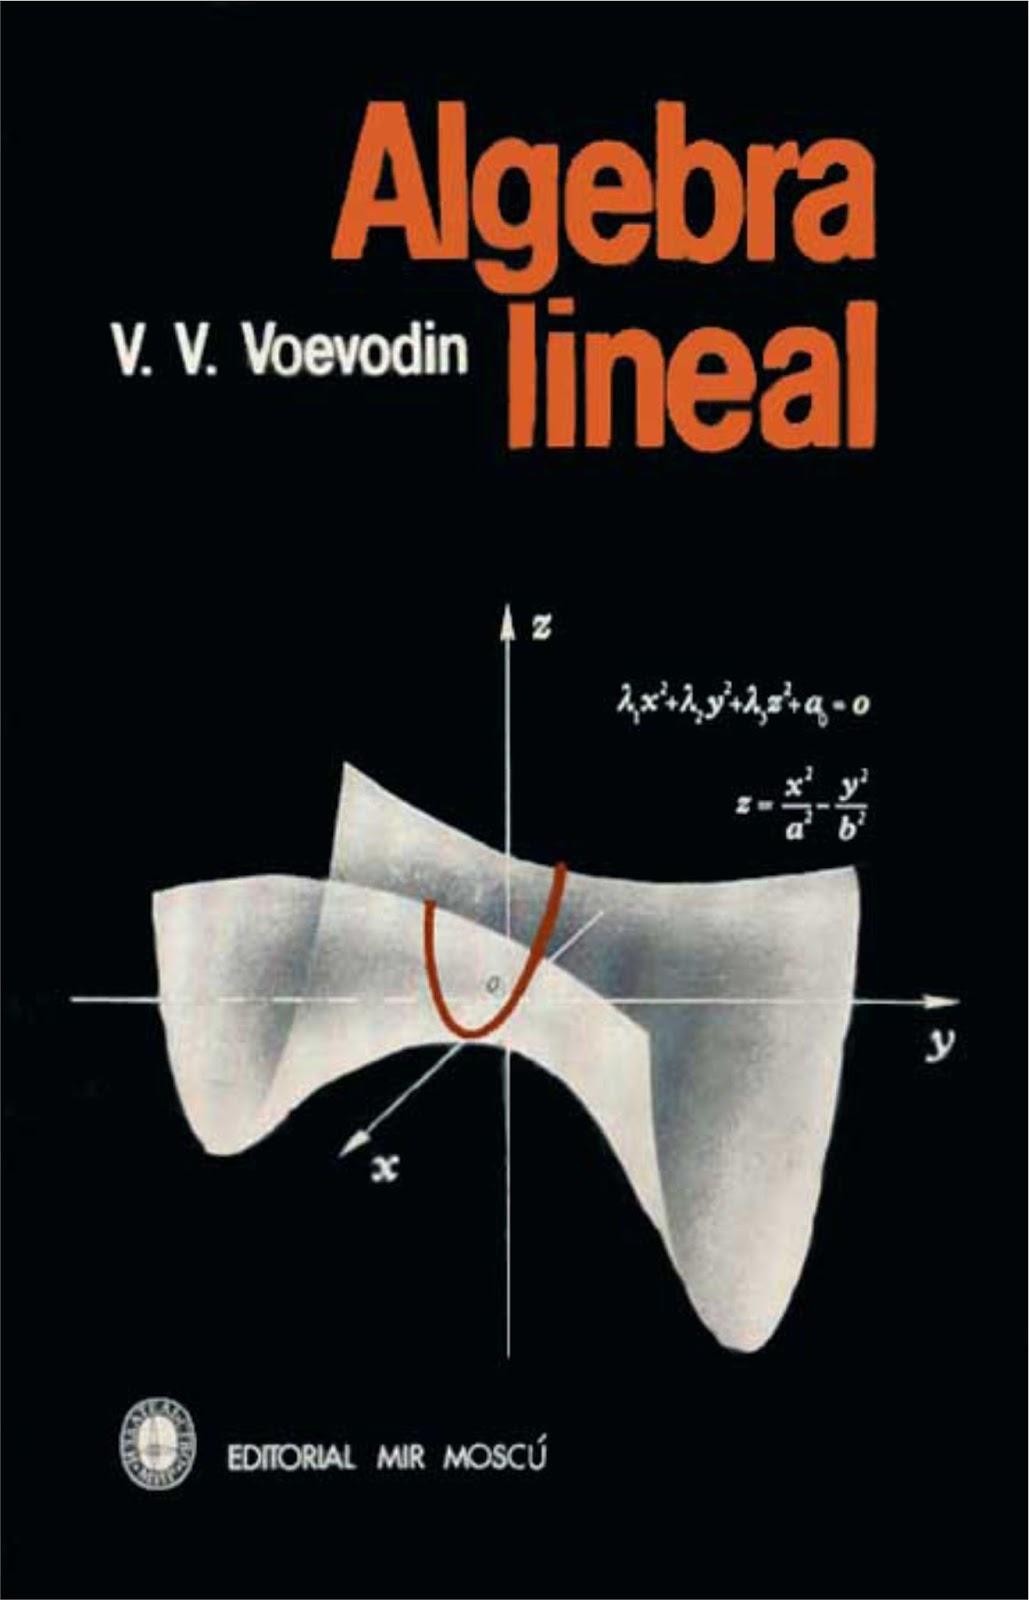 ALGEBRA LINEAL V. V. Voevodin | Libros Digitales en pdf gratis